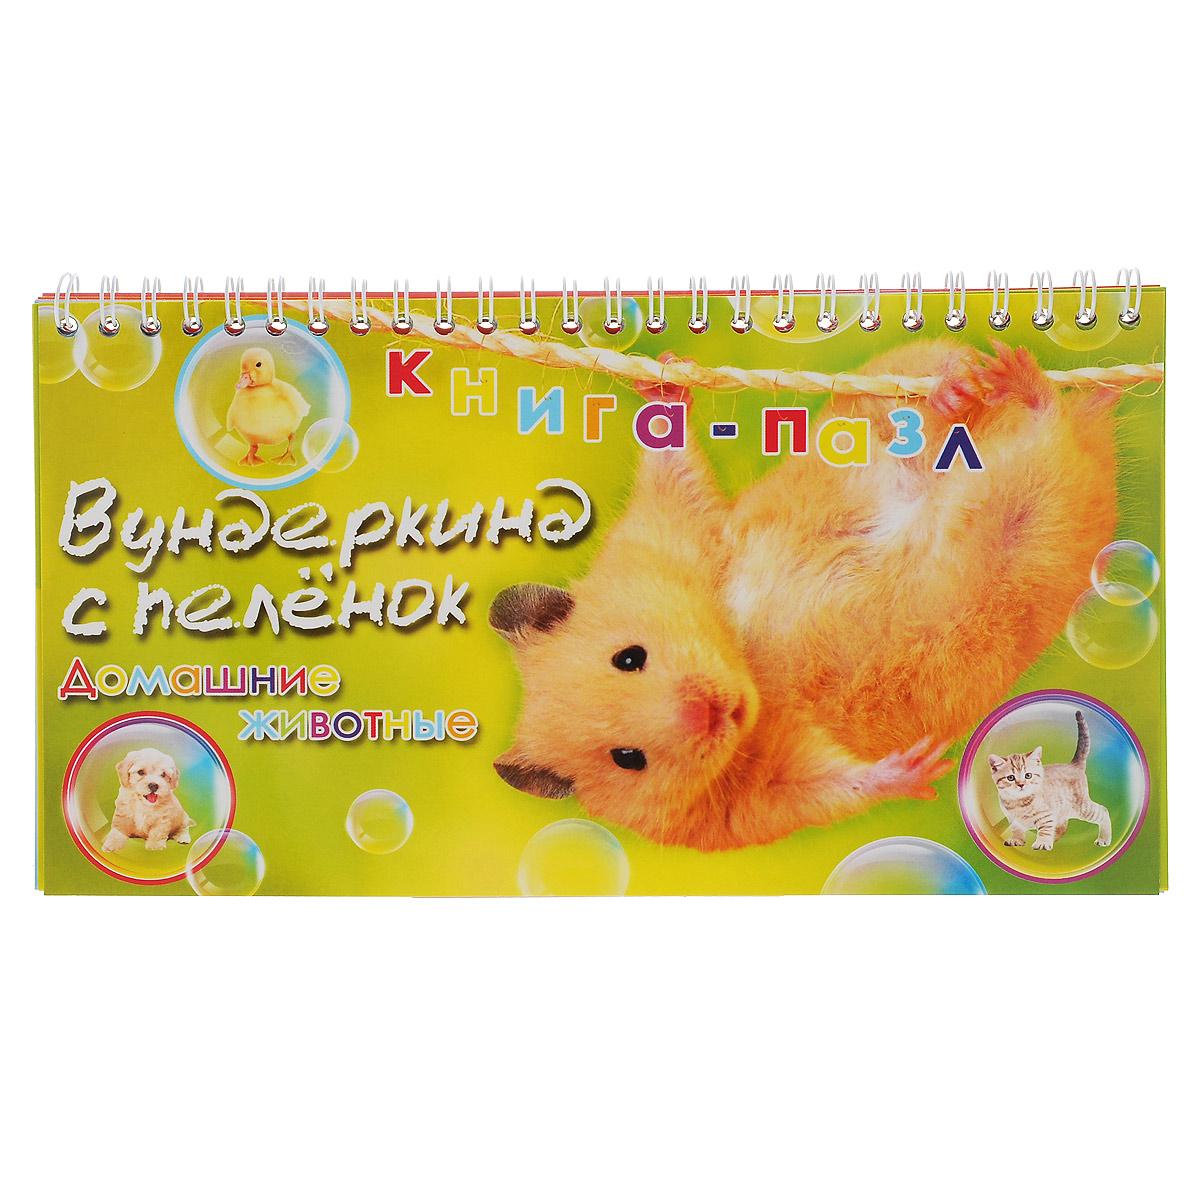 Книга-пазл Домашние животныеКнига-пазл Домашние животныеКнига-пазл Домашние животные обеспечит веселое и полезное занятие для малыша от 1 до 5 лет. Страницы книжки выполнены из прочного мелованного картона и оформлены красочными картинками. Предложите малышу подобрать картинки так, чтобы у каждой зверушки-мамы был свой детеныш, подходящая еда и домик. Игра с такой книжкой развивает у малыша логику, внимание, память, энциклопедические знания. Она поможет малышу выучить названия животных и прекрасно подойдет для обучения чтению.